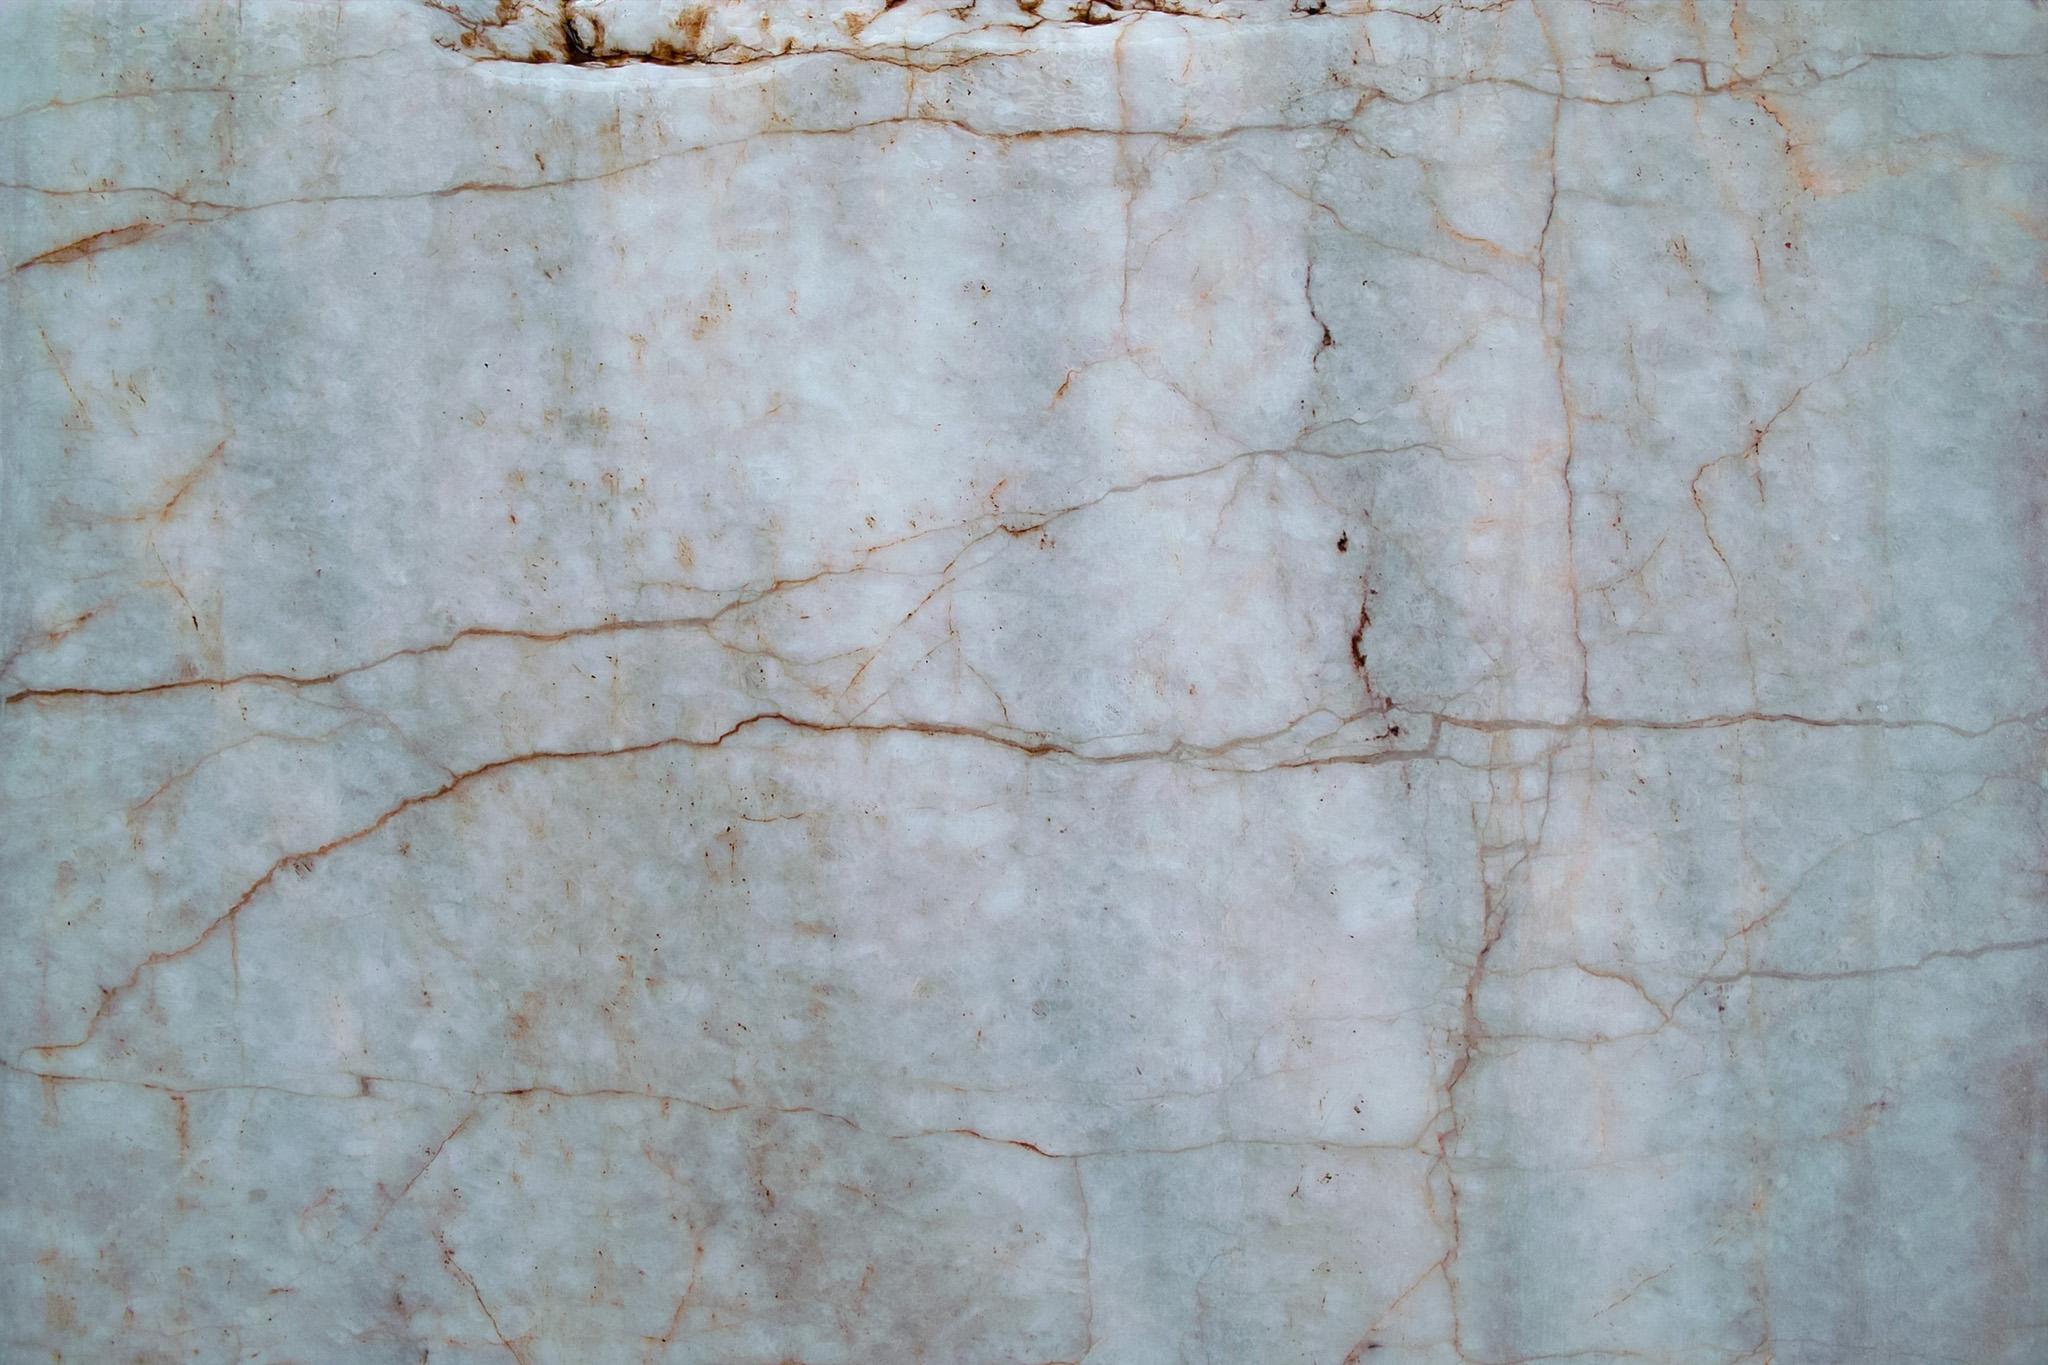 「白い大理石のテクスチャー」のテクスチャを無料ダウンロード